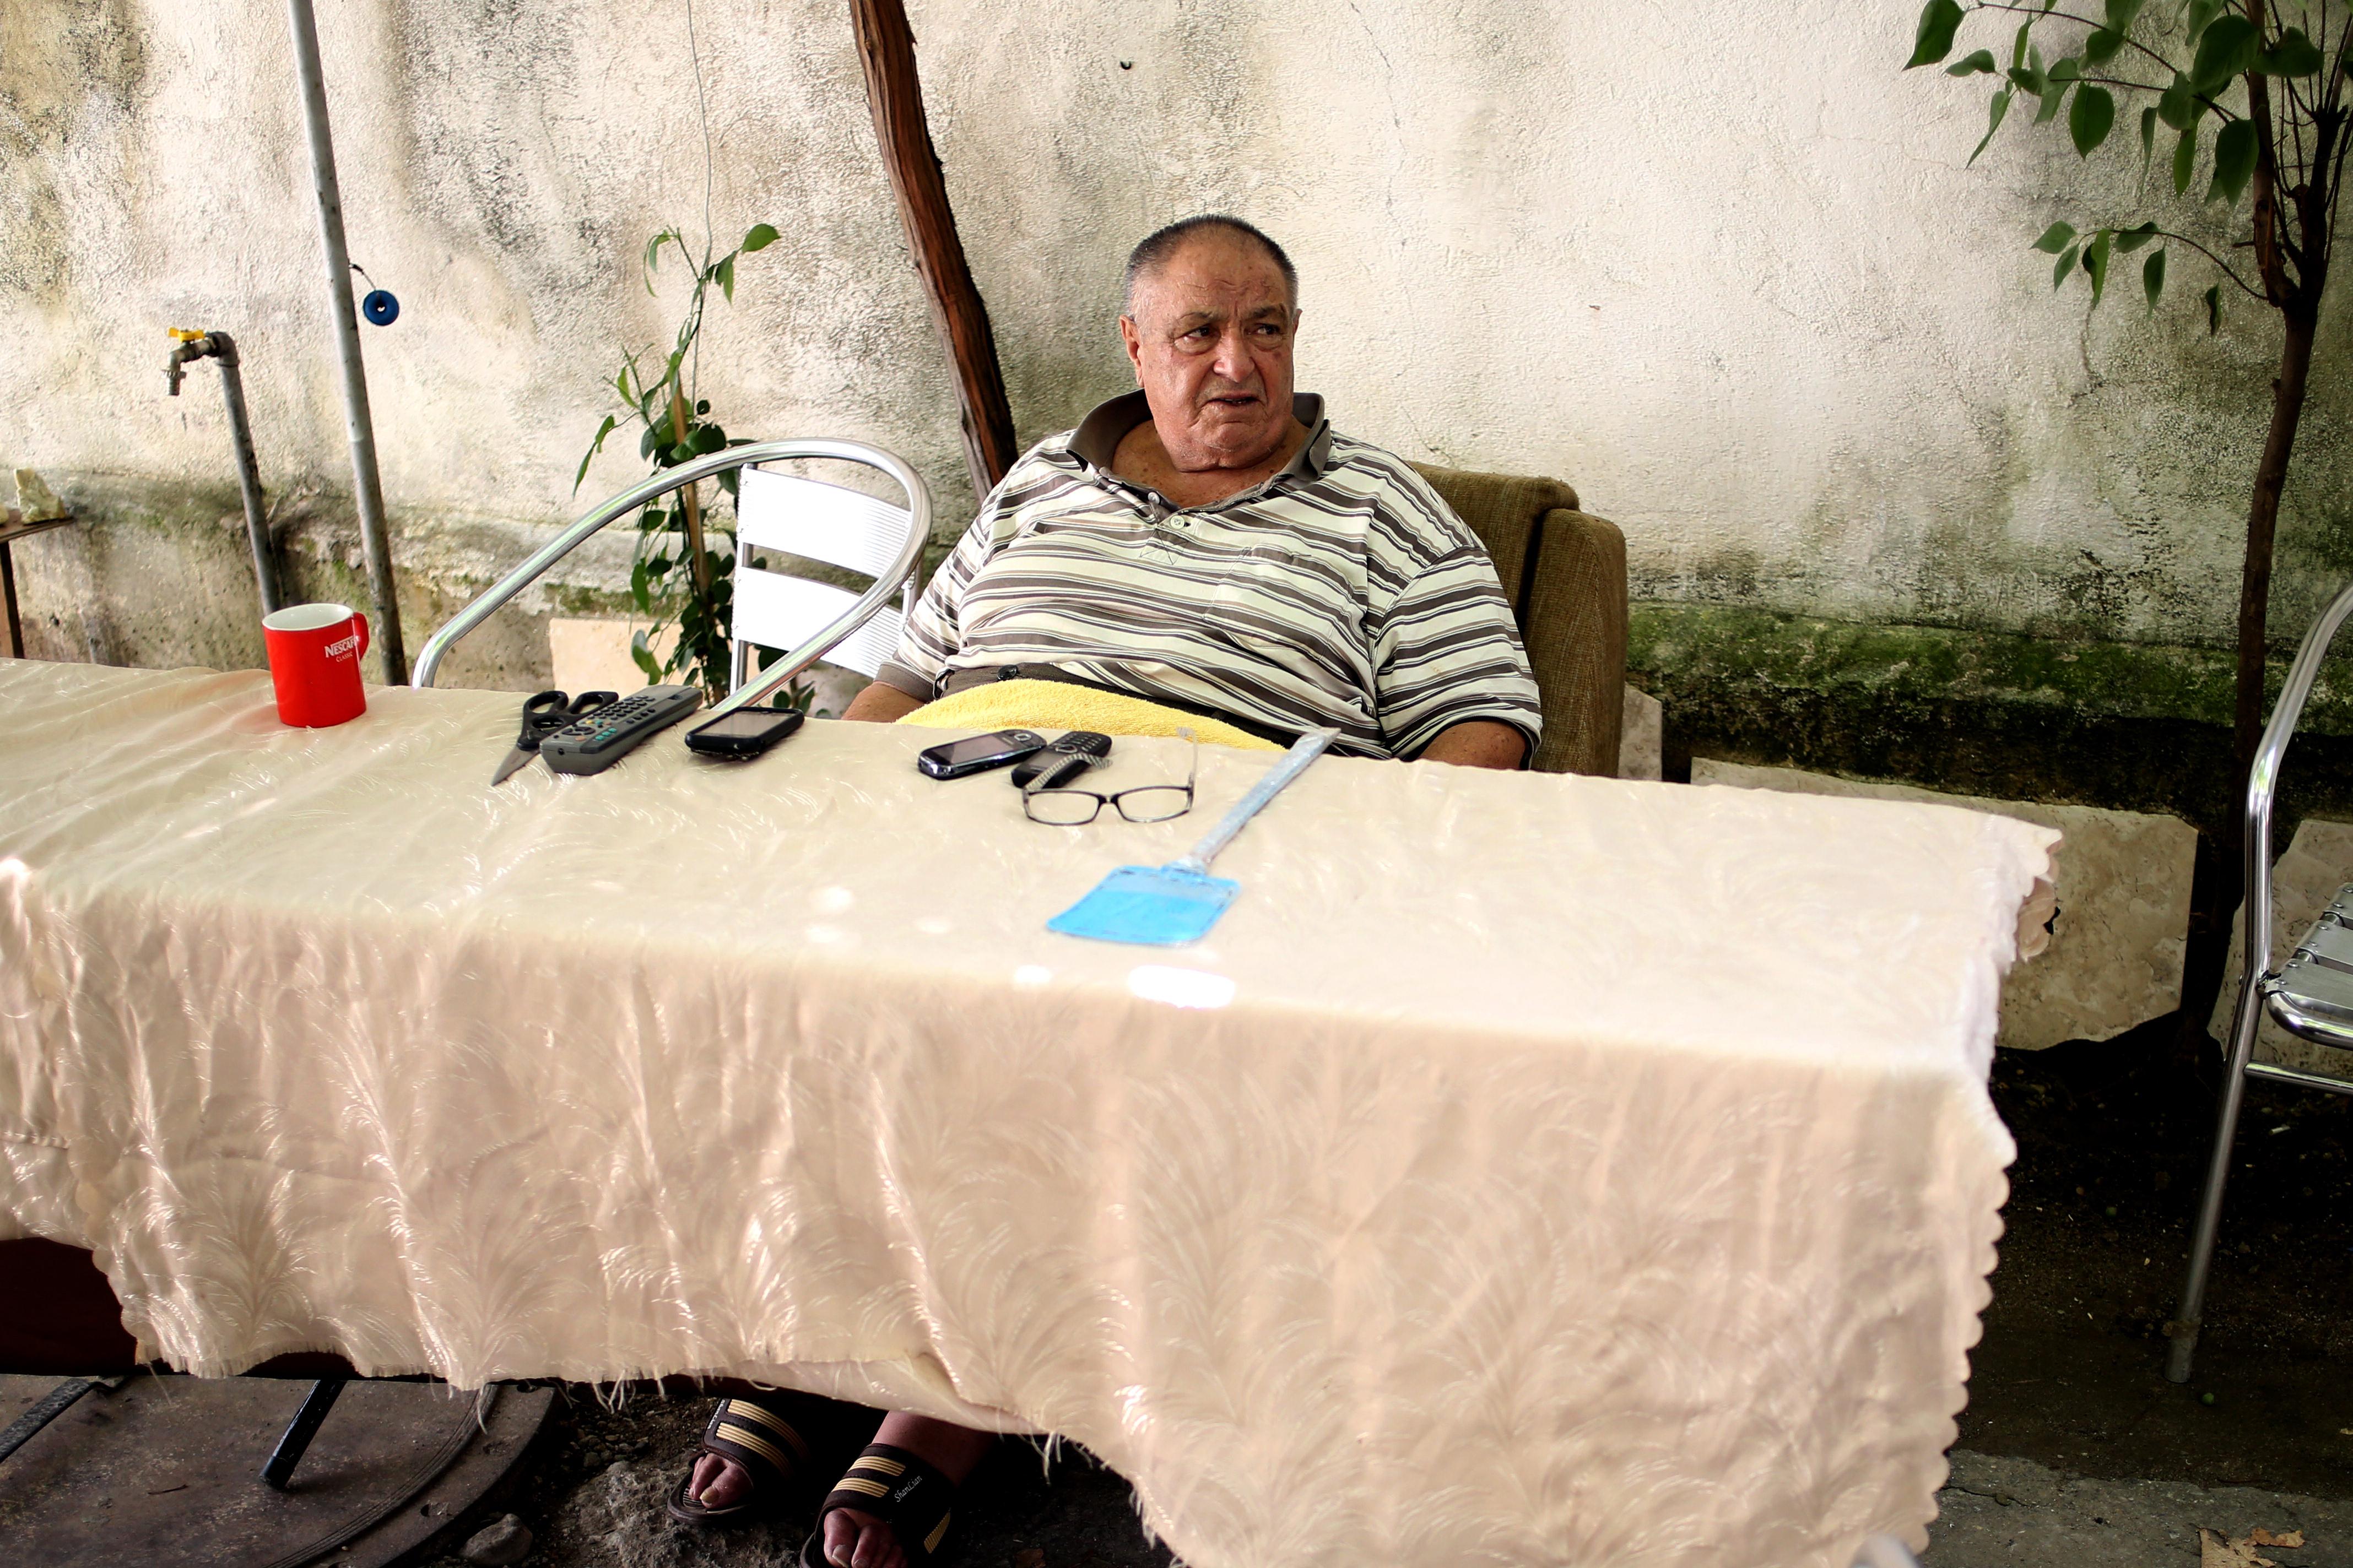 Imparatul romilor Iulian sustine ca fratii Cioaba au fost exclusi din organizatiile romilor